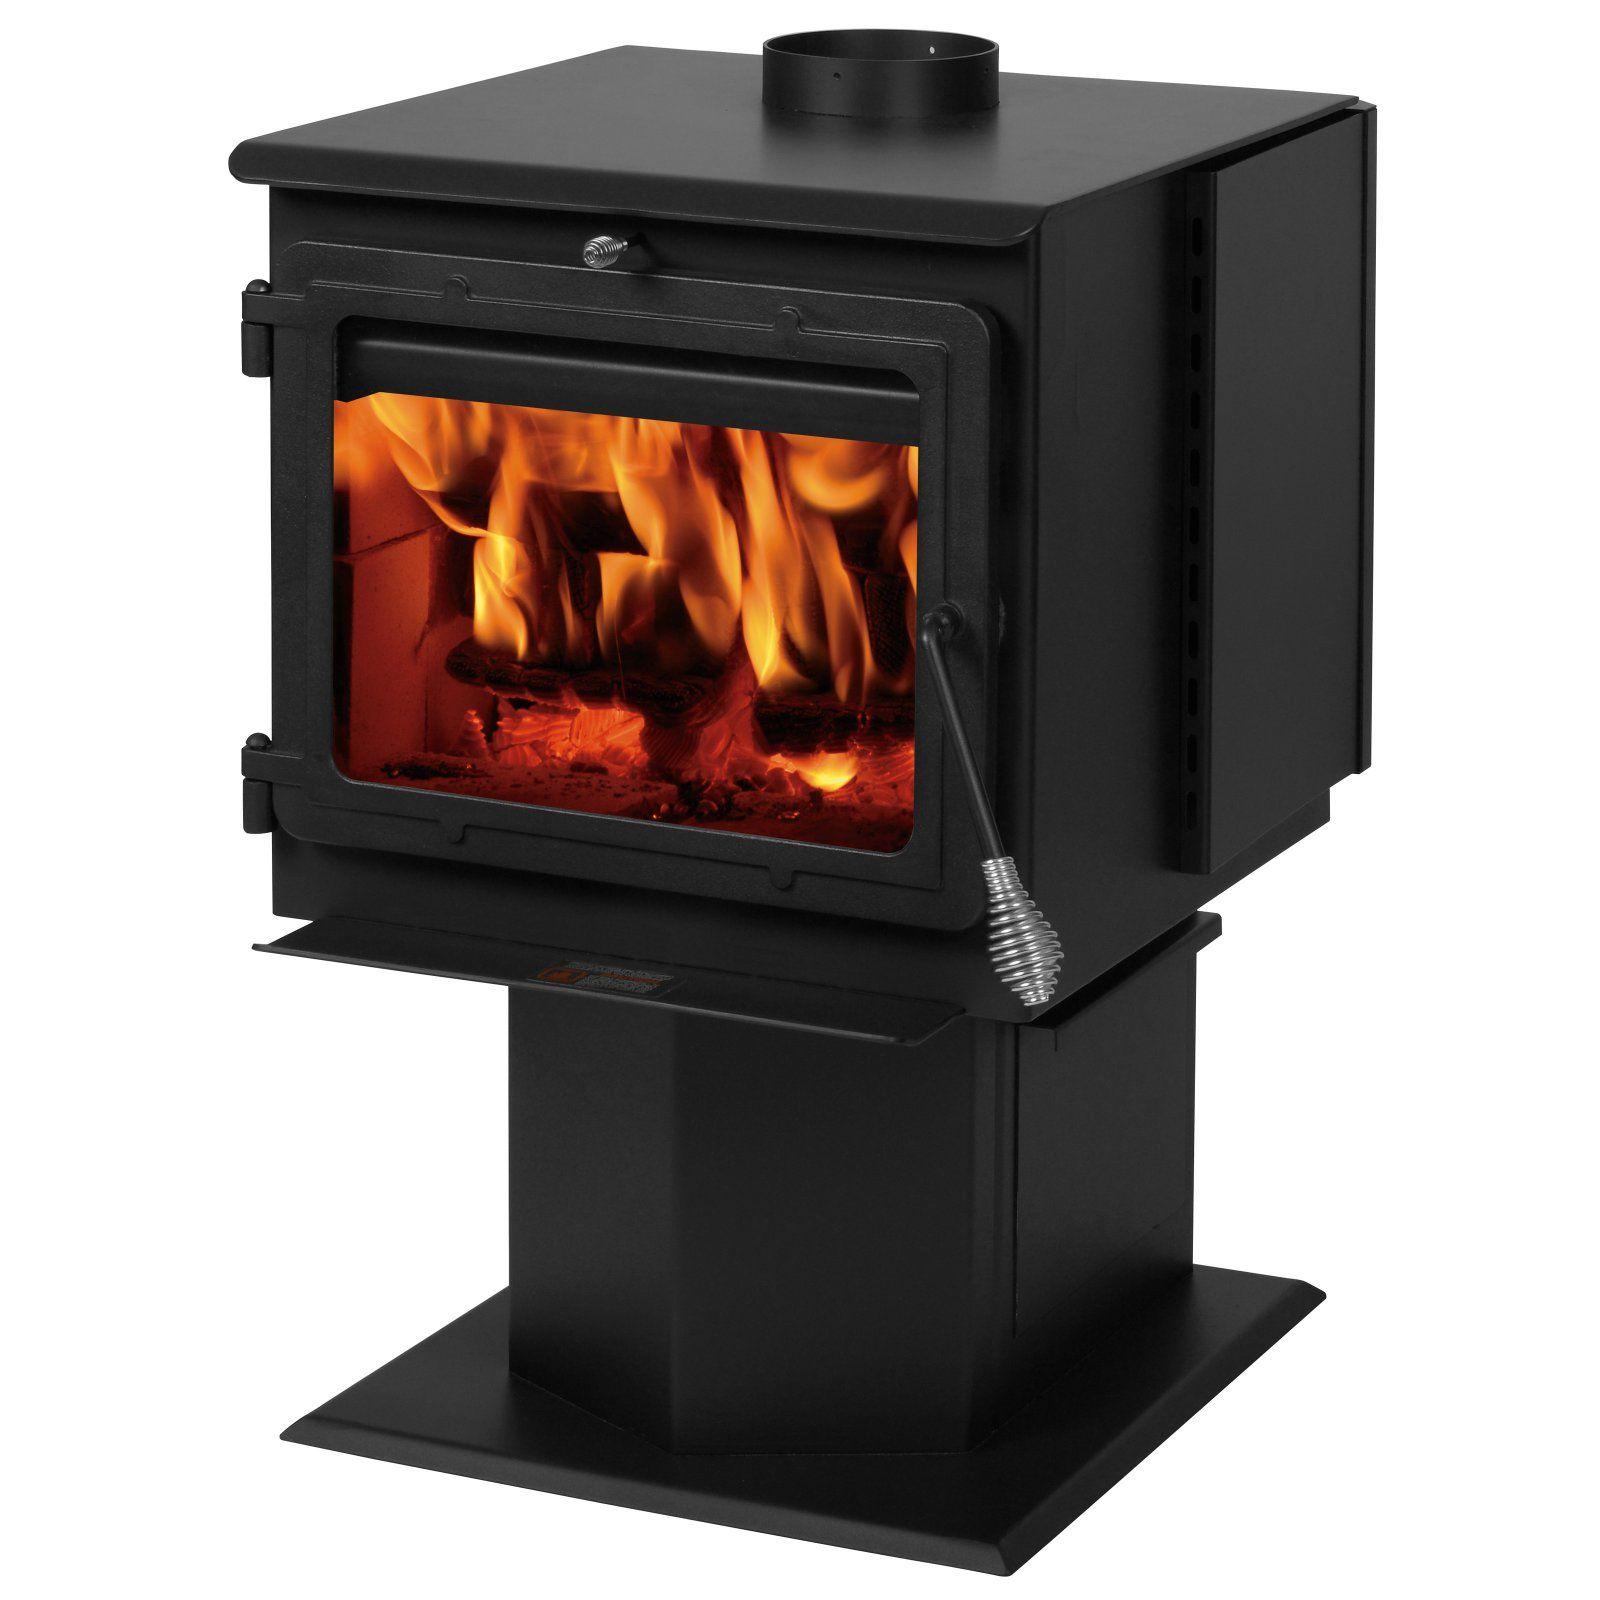 Summers Heat Smartstove Wood Burning Stove Wood pellet